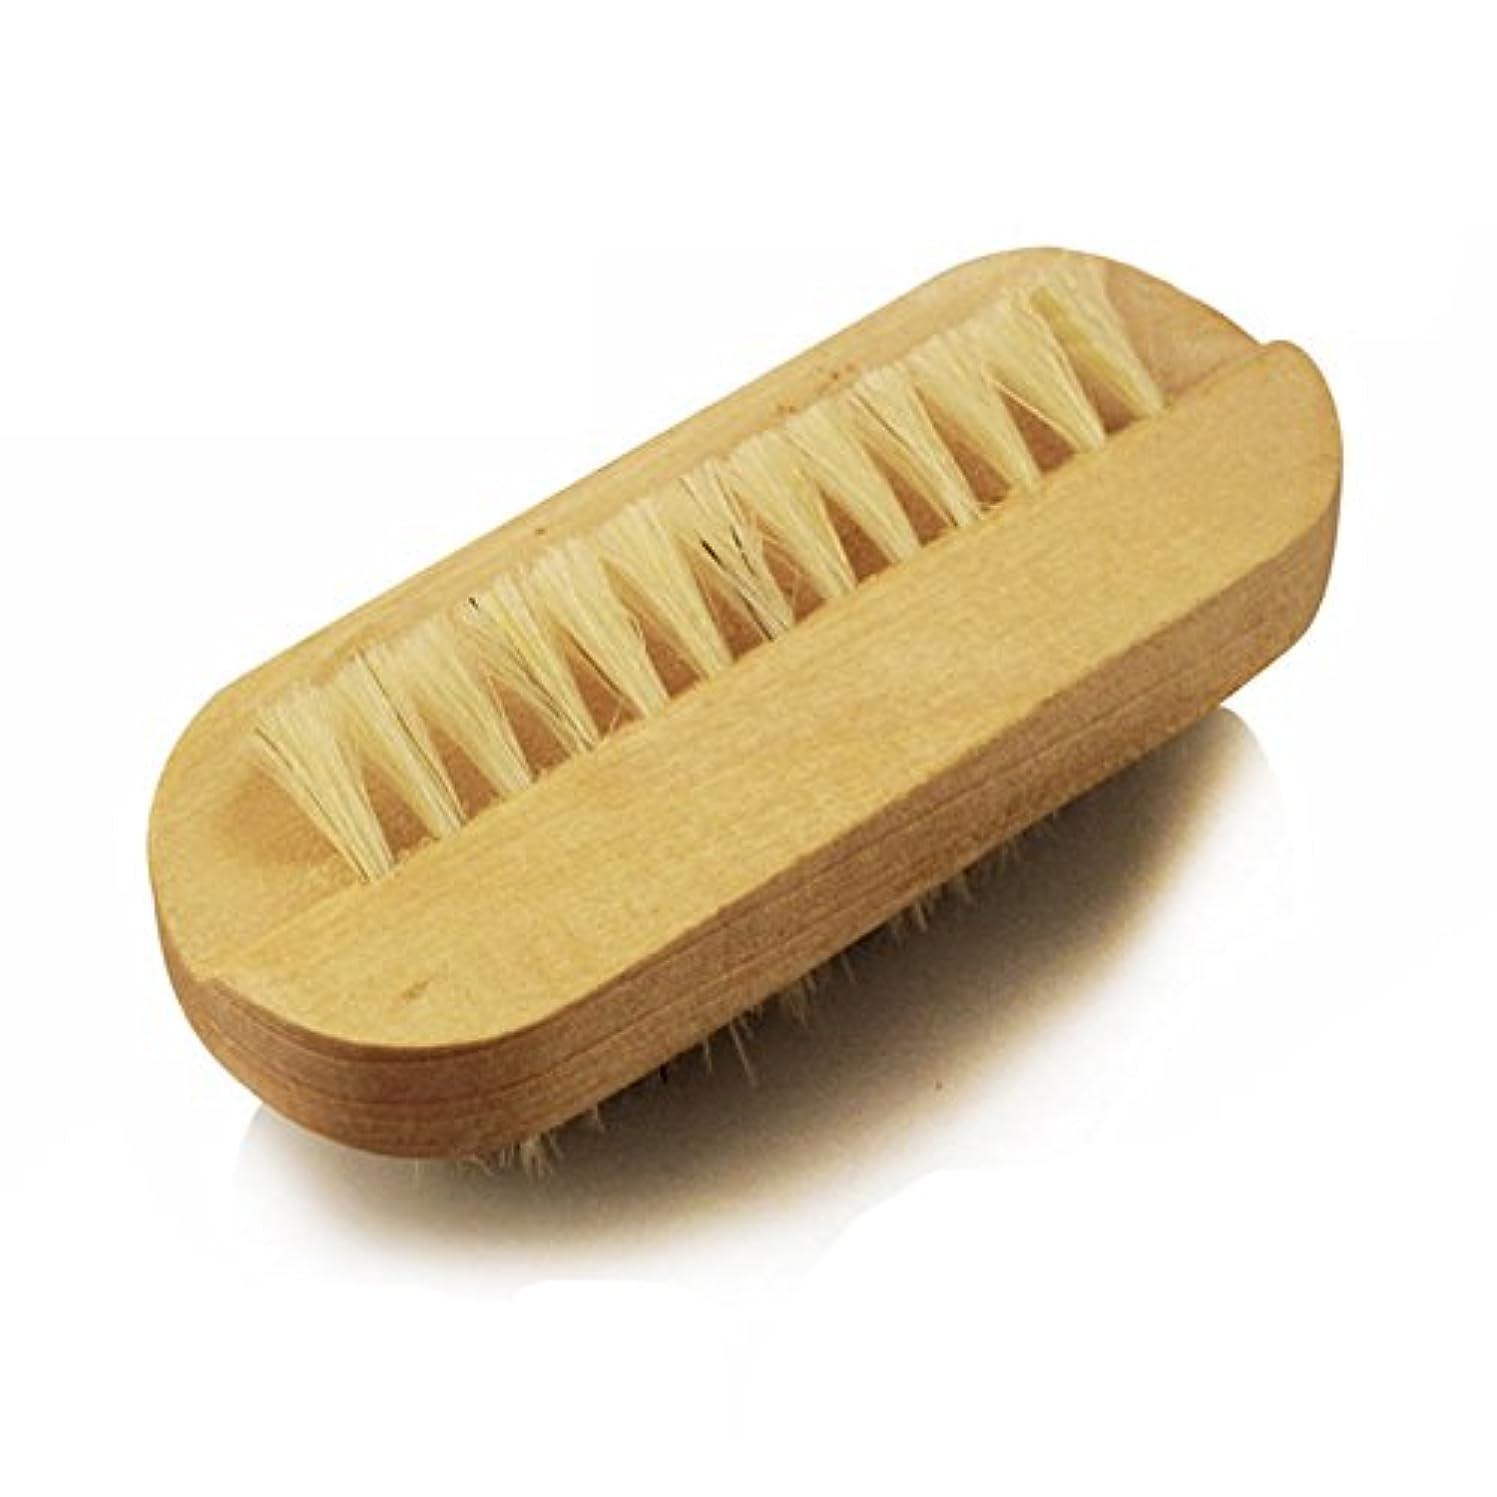 死んでいる保持カエルボディブラシ 木製ブラシ Hrph ネイルブラシ フットブラシ 足の裏ブラシ ネイルハンドブラシ 手洗いブラシ 爪ブラシ 木柄ブラシ 豚毛ブラシ マッサージャー セルライト除去 角質除去